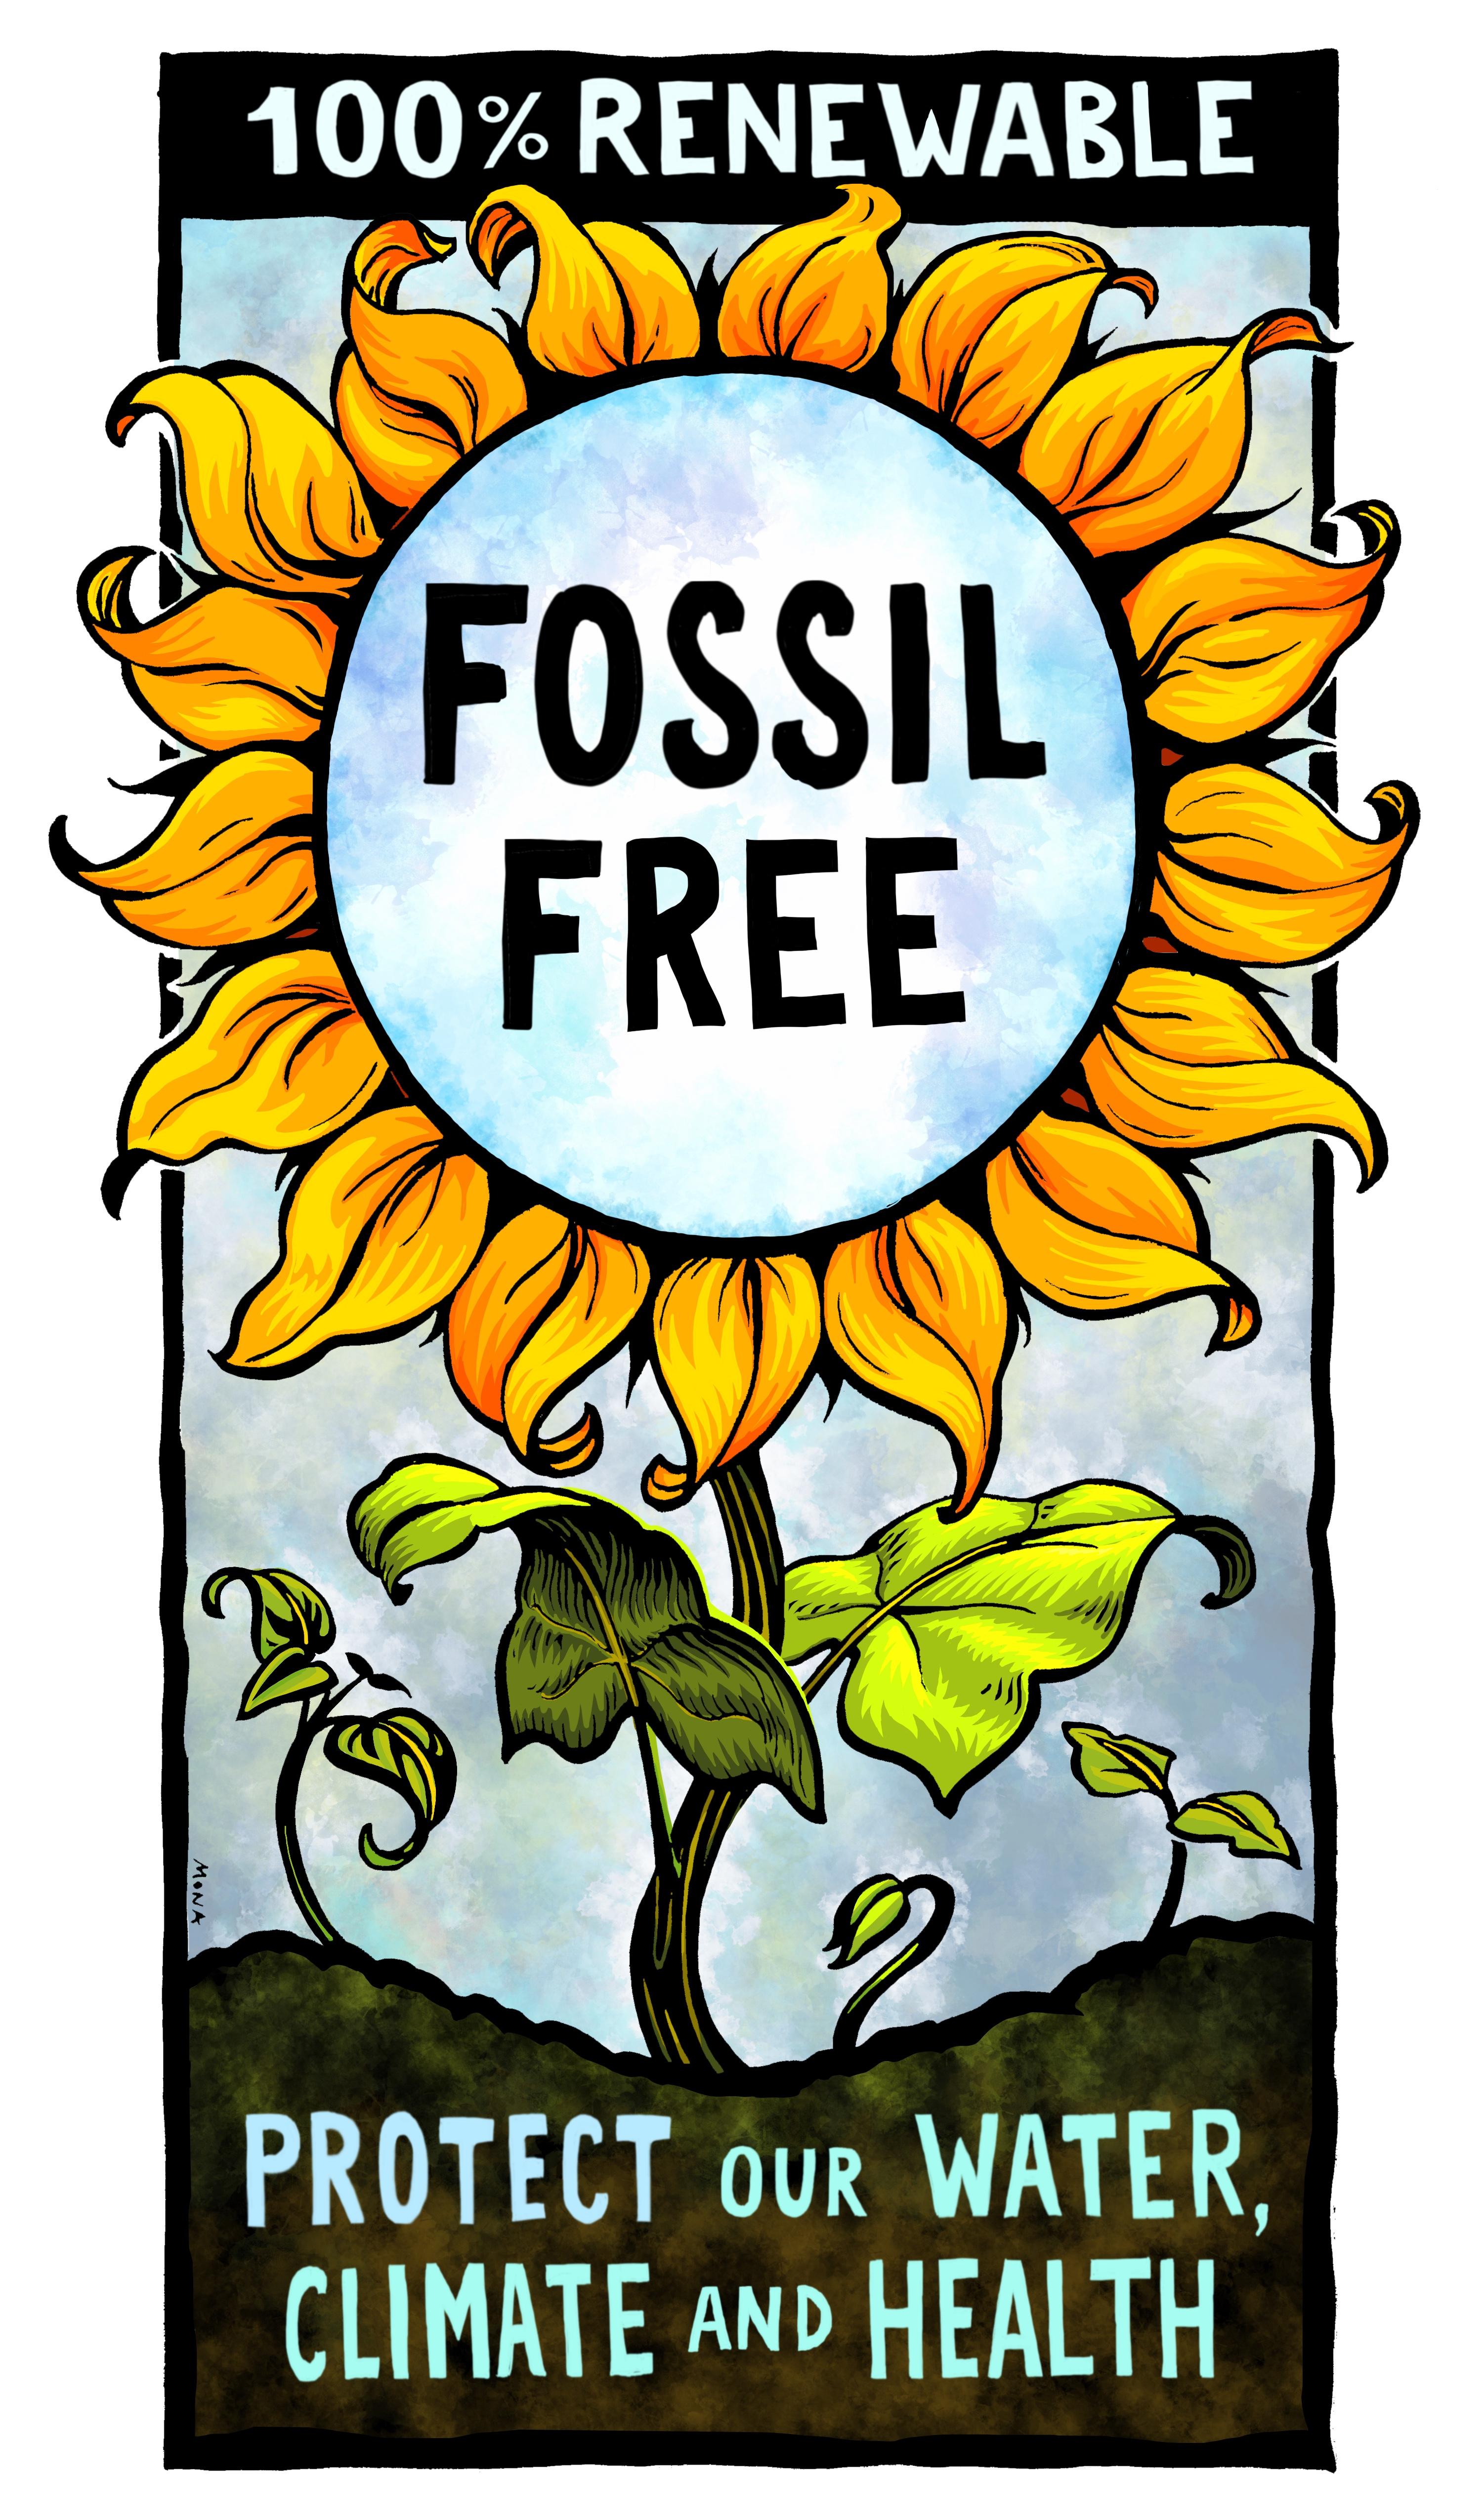 FOSSIL FREE MONA CARON